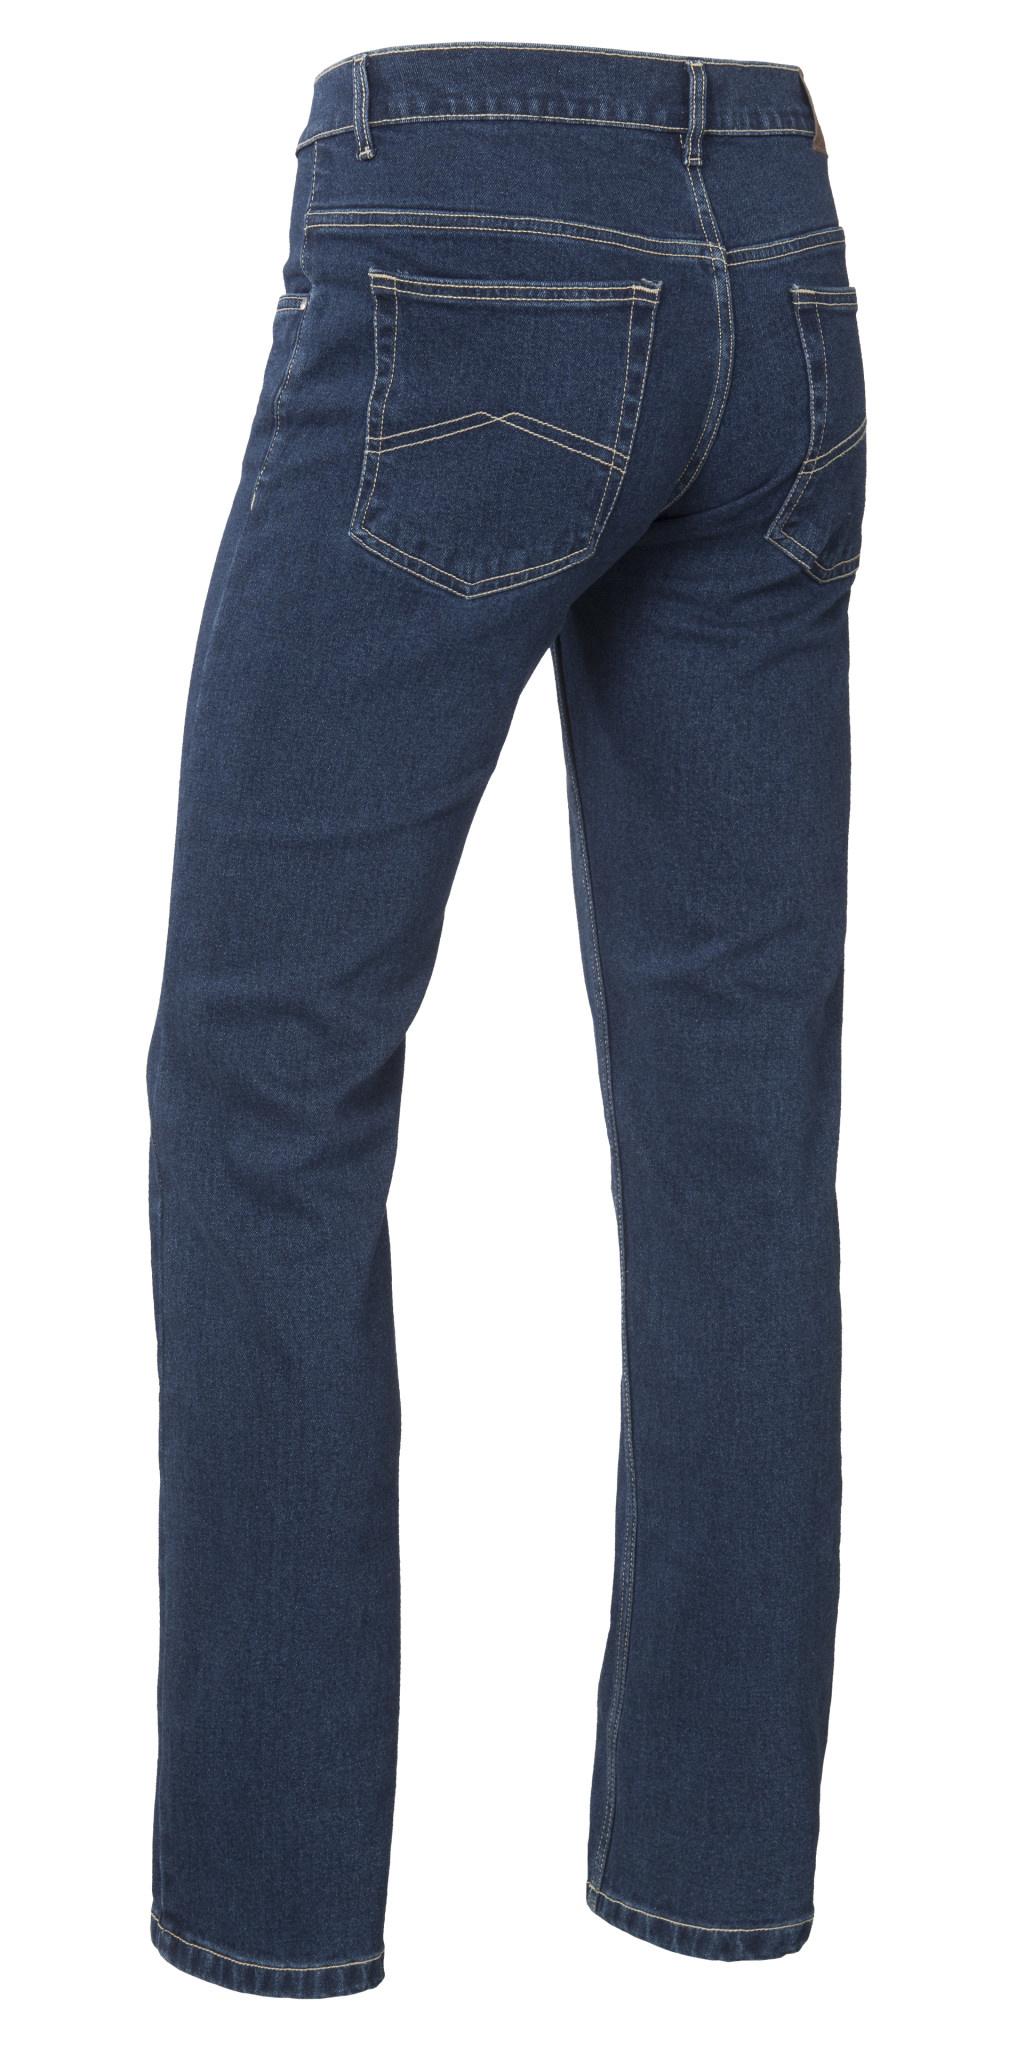 Brams Paris Heren Jeans Burt 1.3340/C54-2